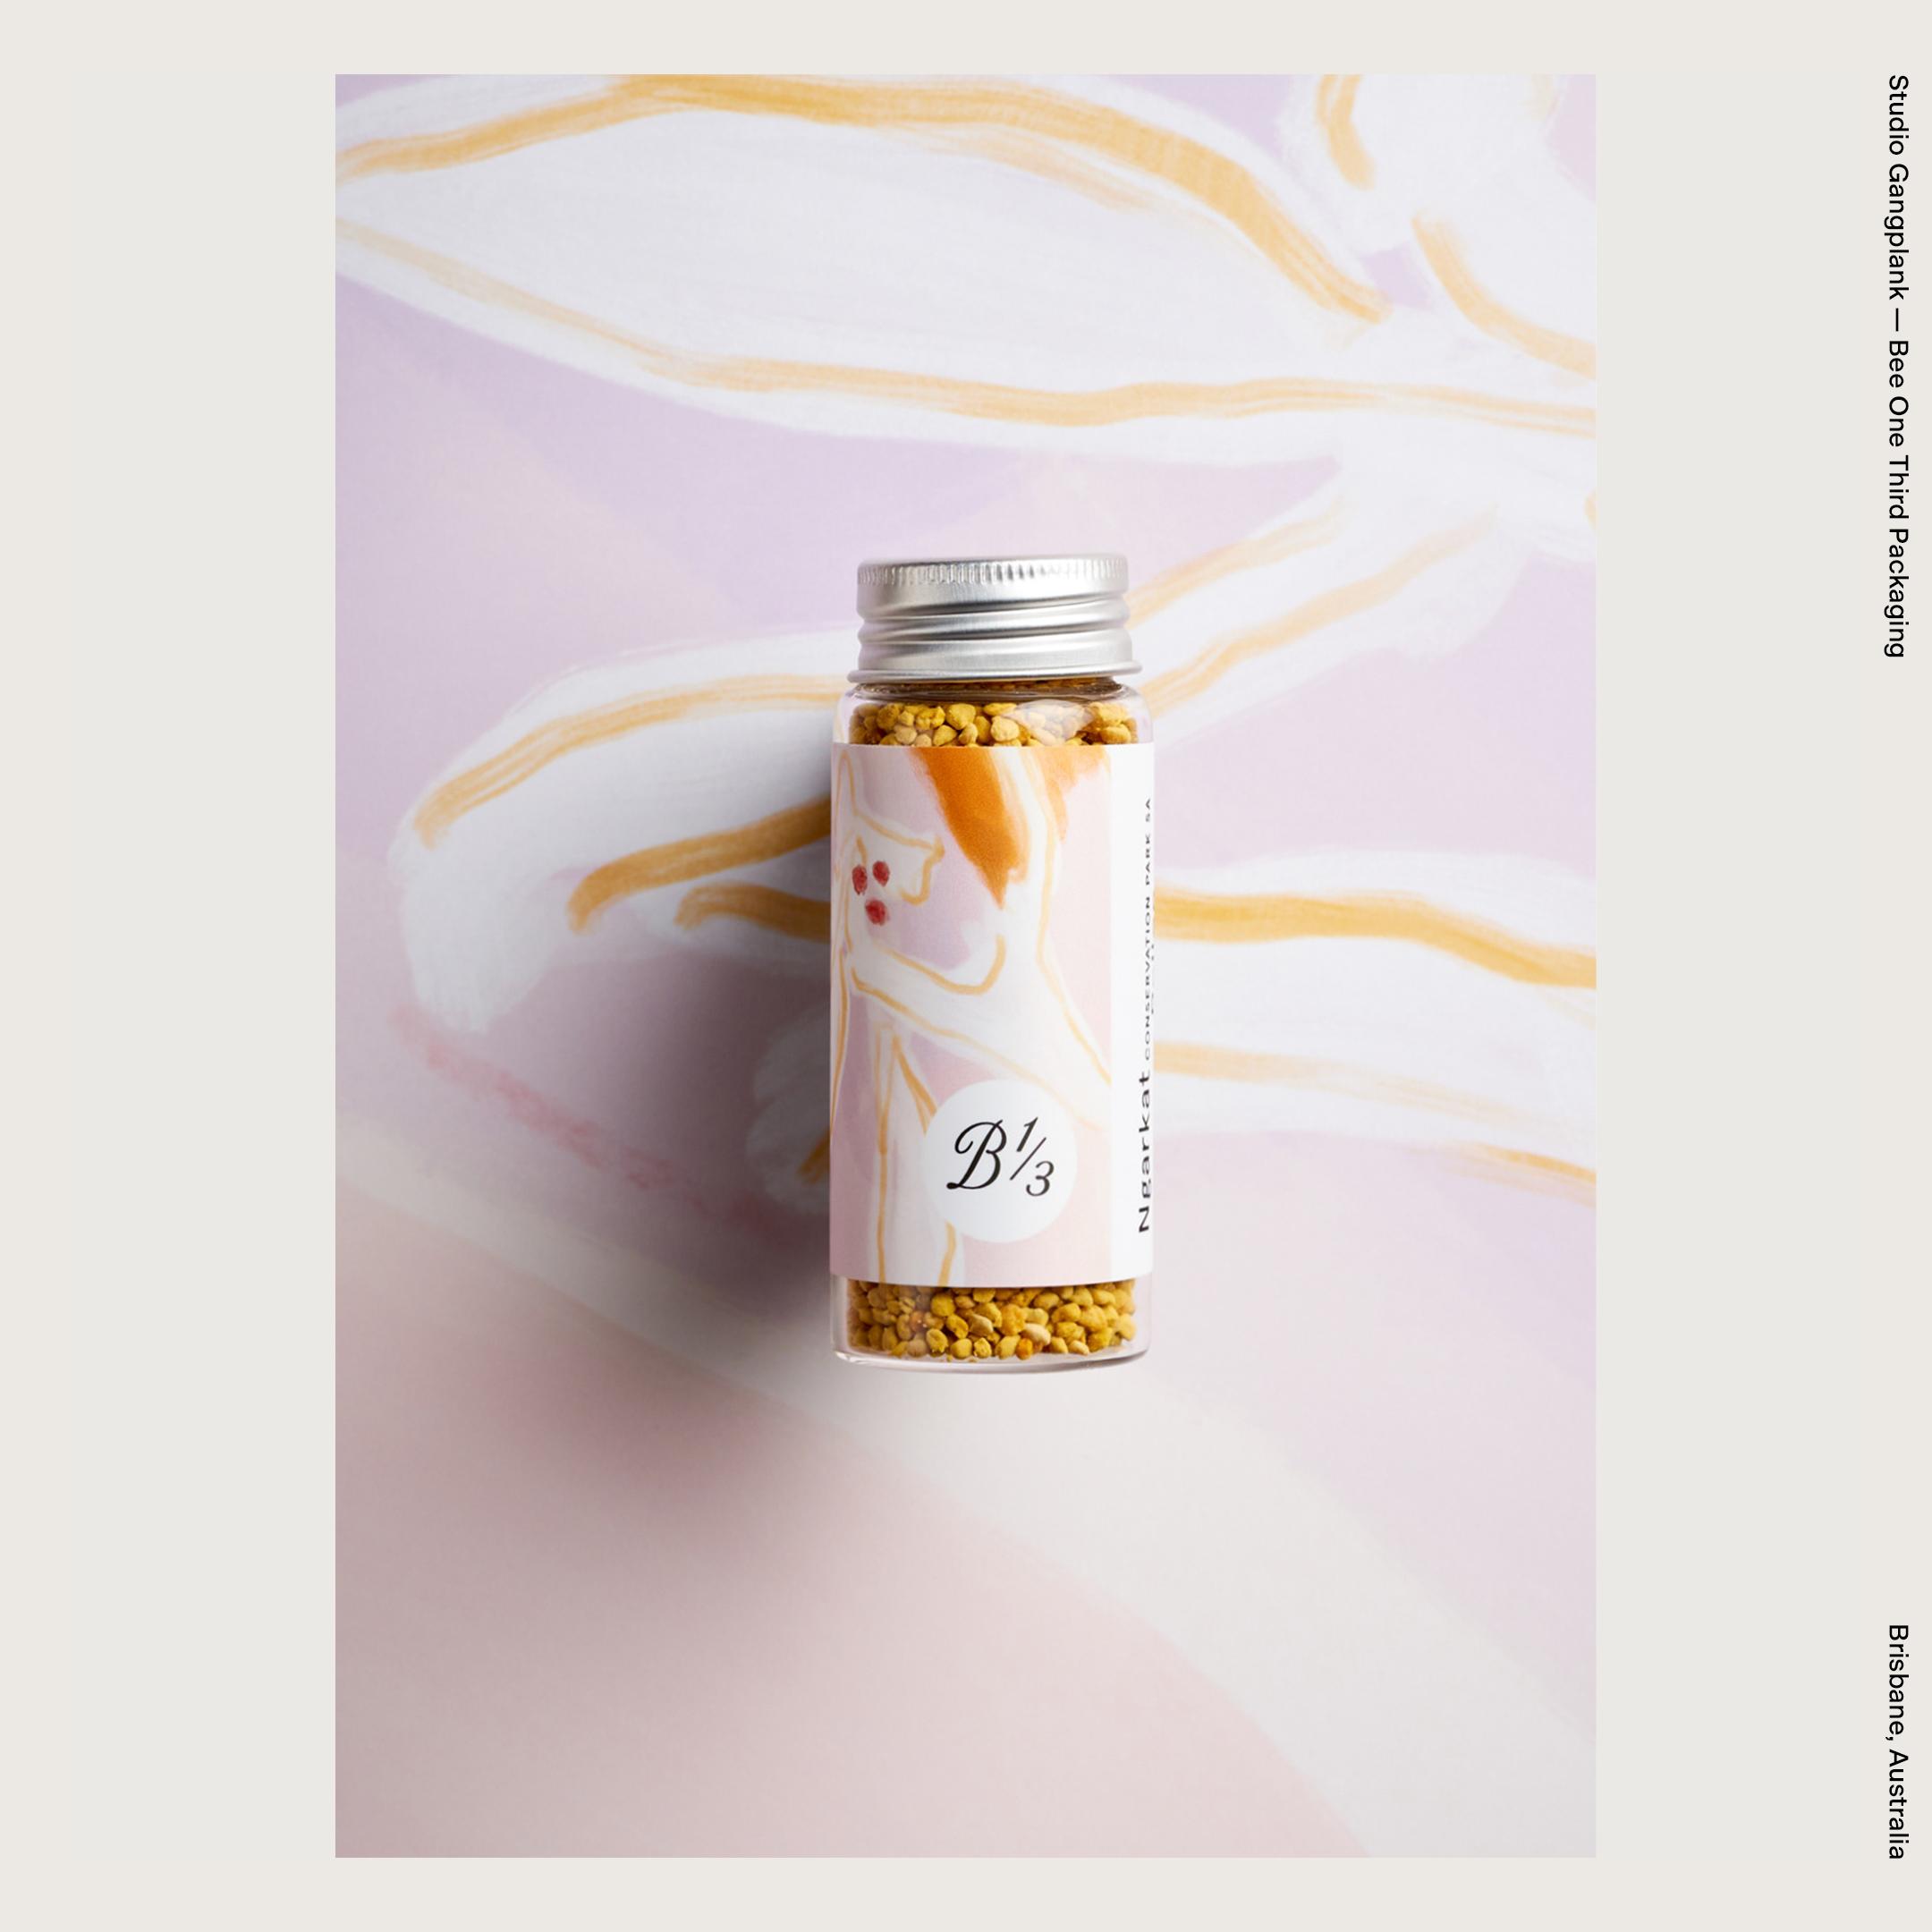 Gangplank — Bee One Third Packaging